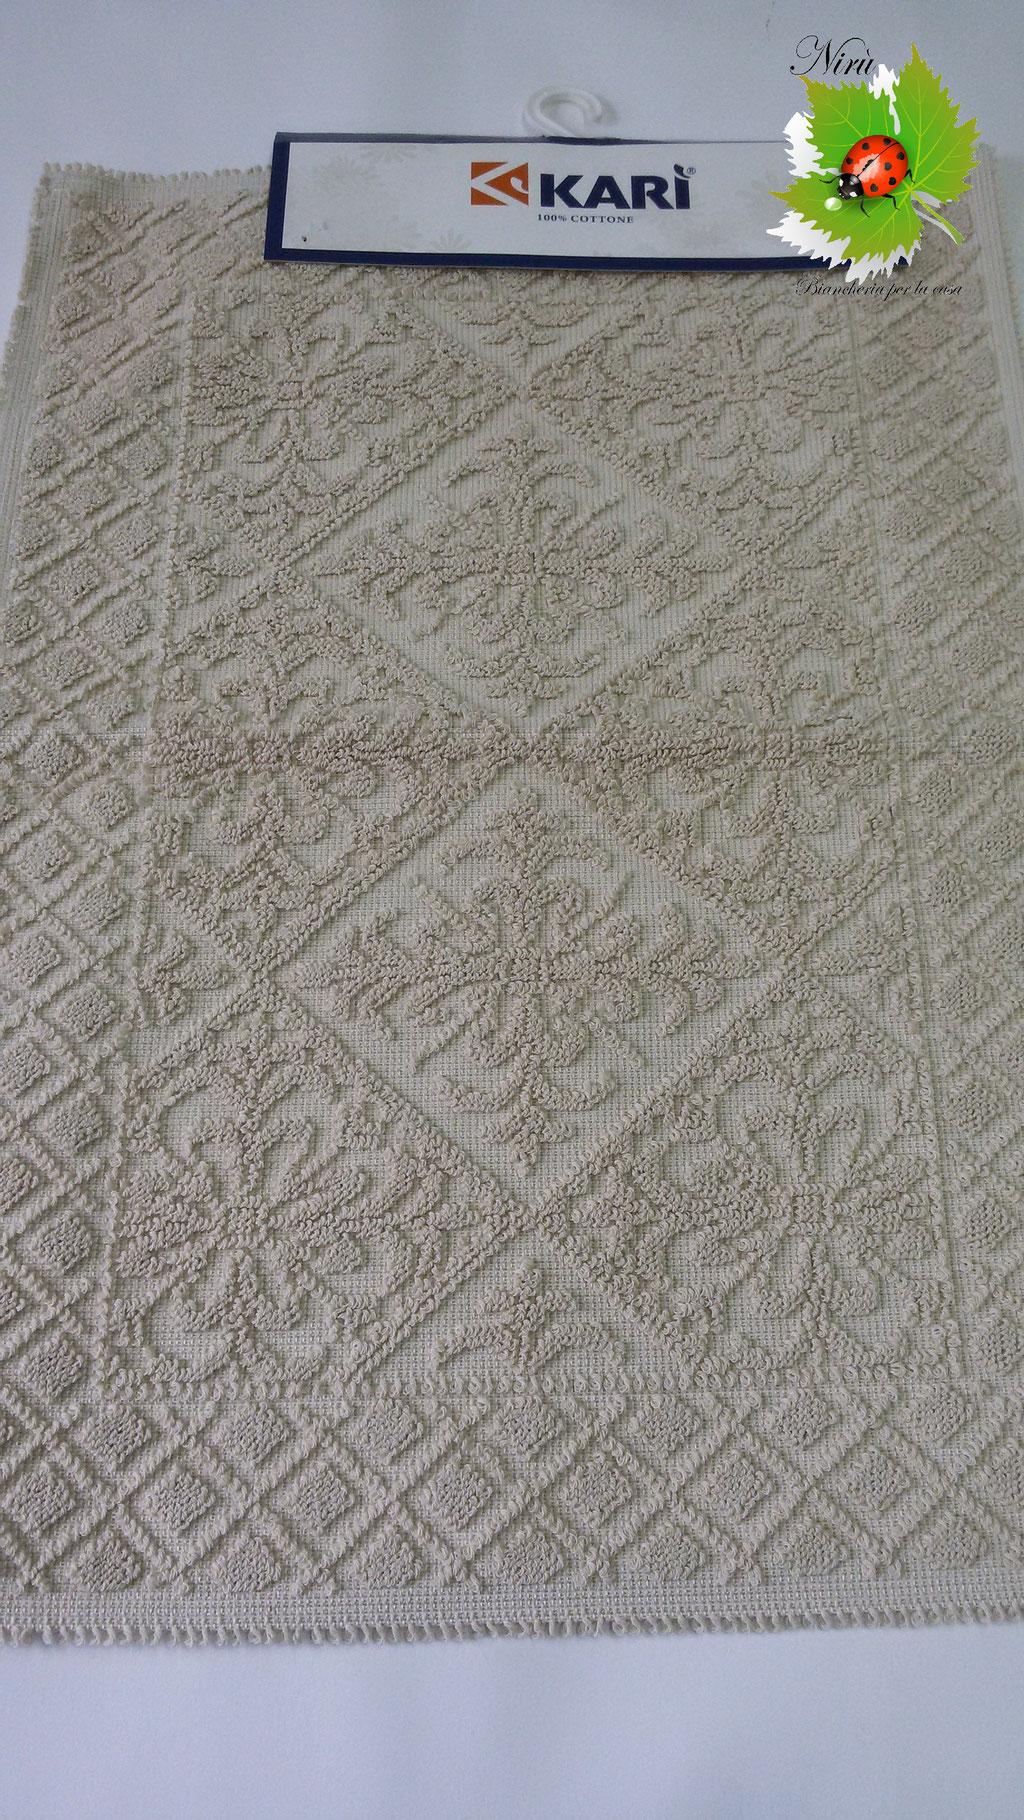 Tappetino bagno 100% cotone 55x80 cm sardo fiore beige. A739